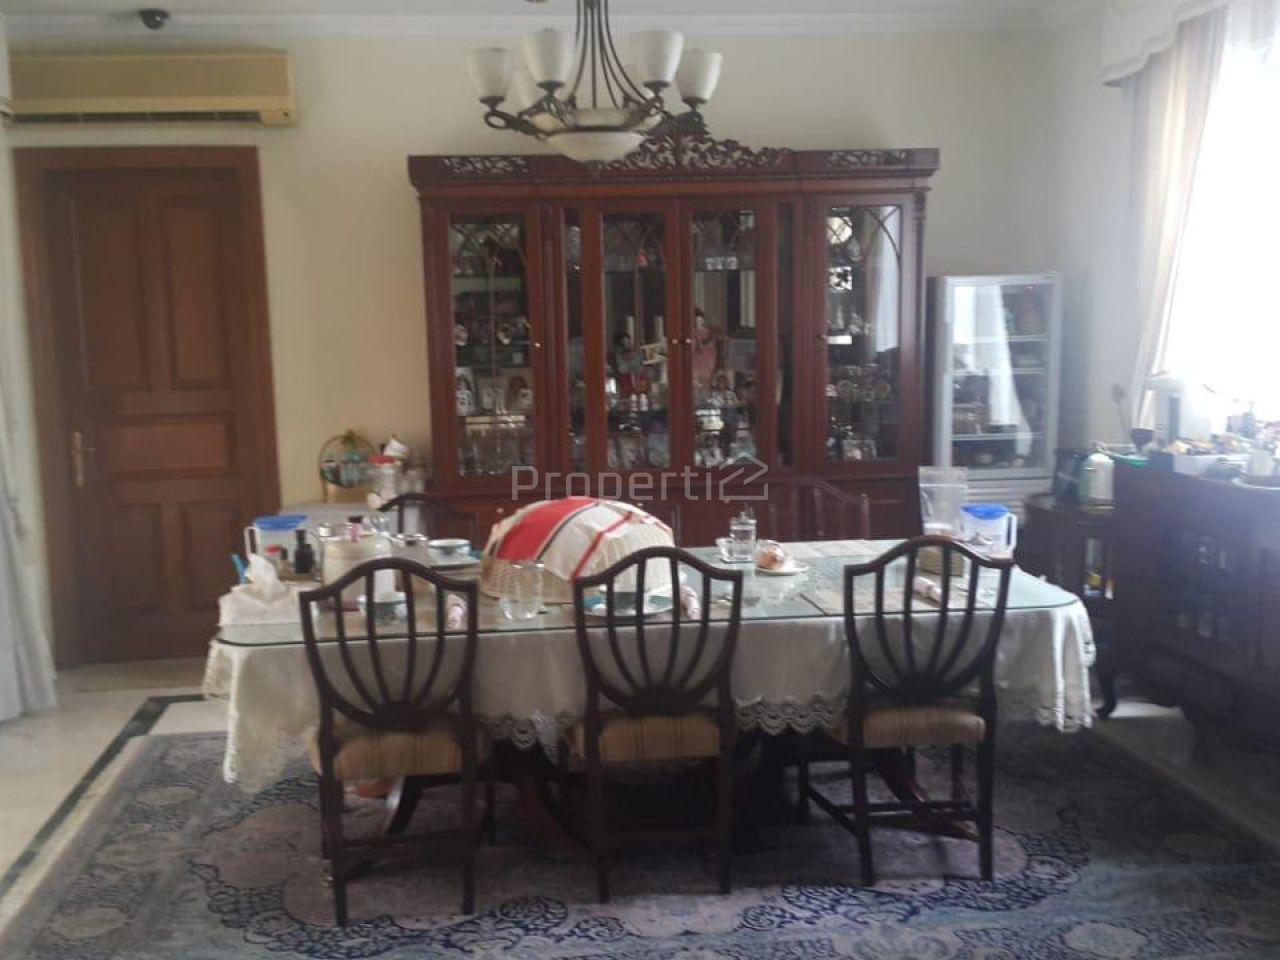 Rumah Mewah di Lokasi Premium Kawasan Senopati, Jakarta Selatan